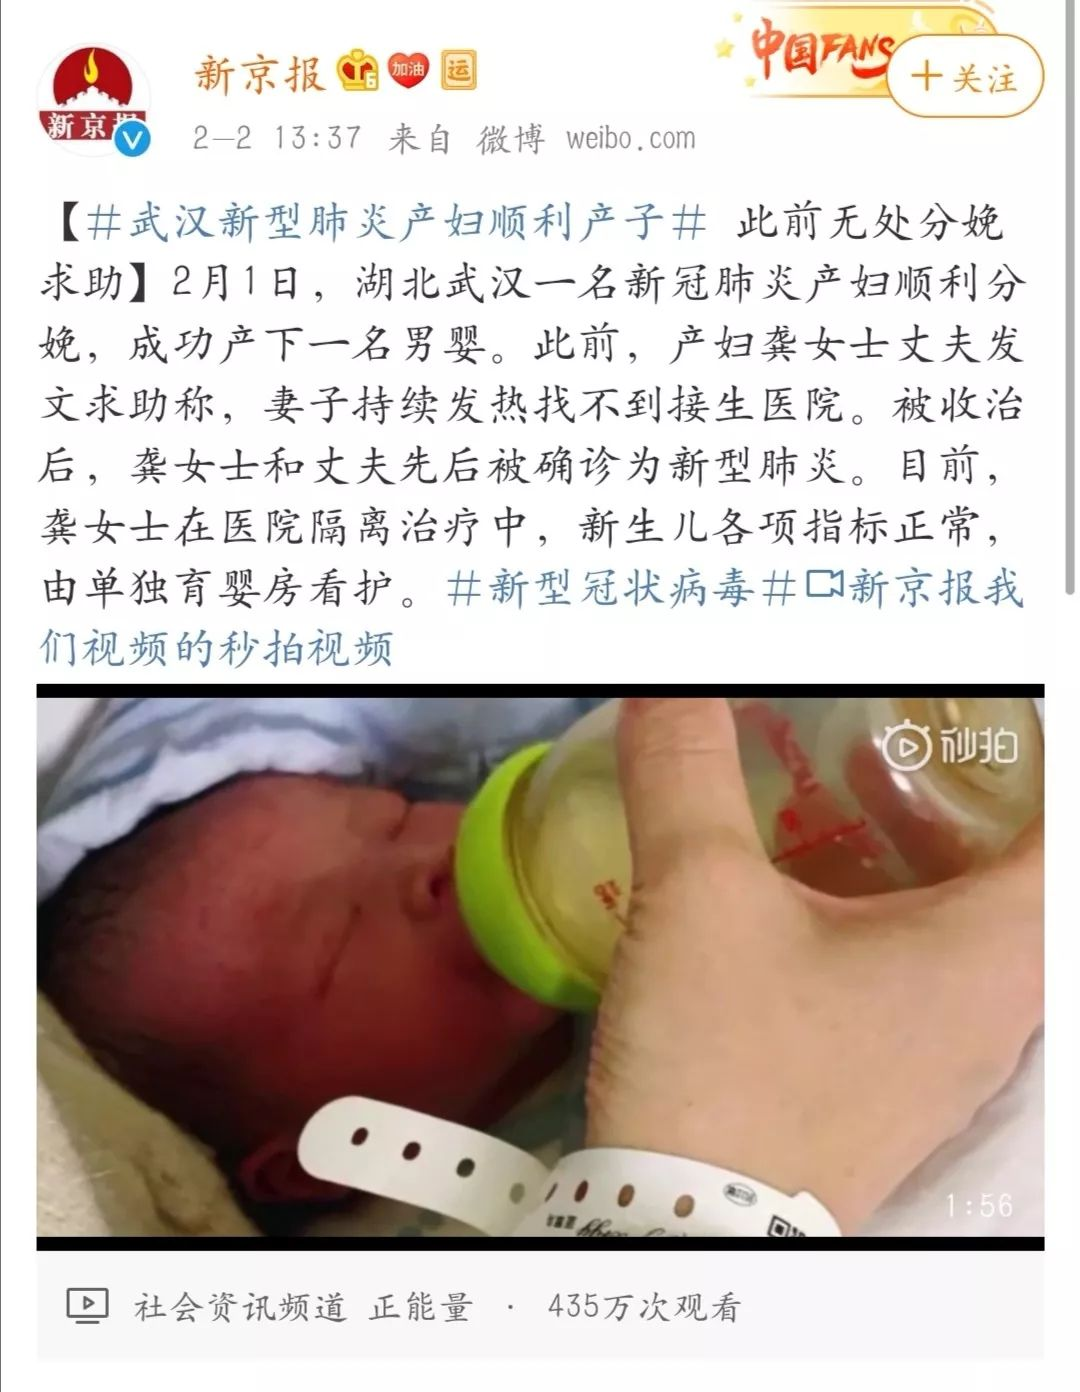 婴儿巨细胞感染会好吗_陆敏副主任医师_手机百姓健康网